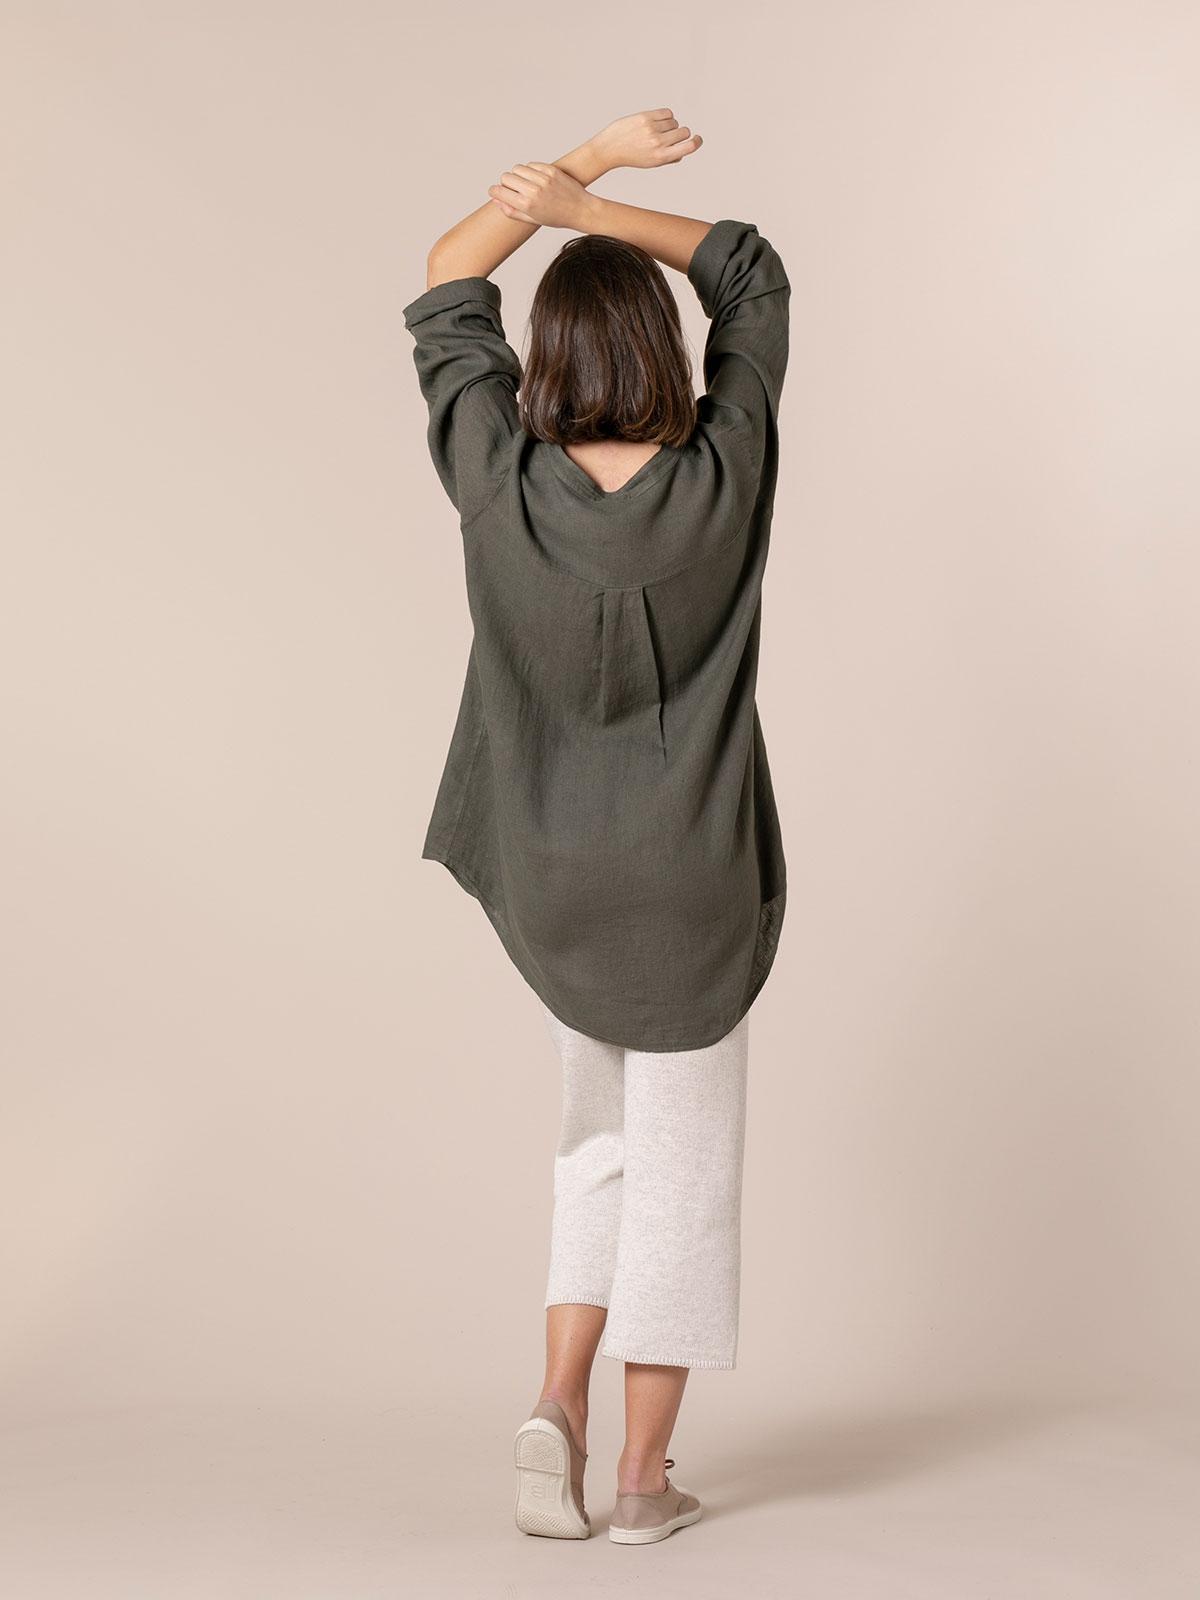 Camisa de lino mujer cuello mao Caqui